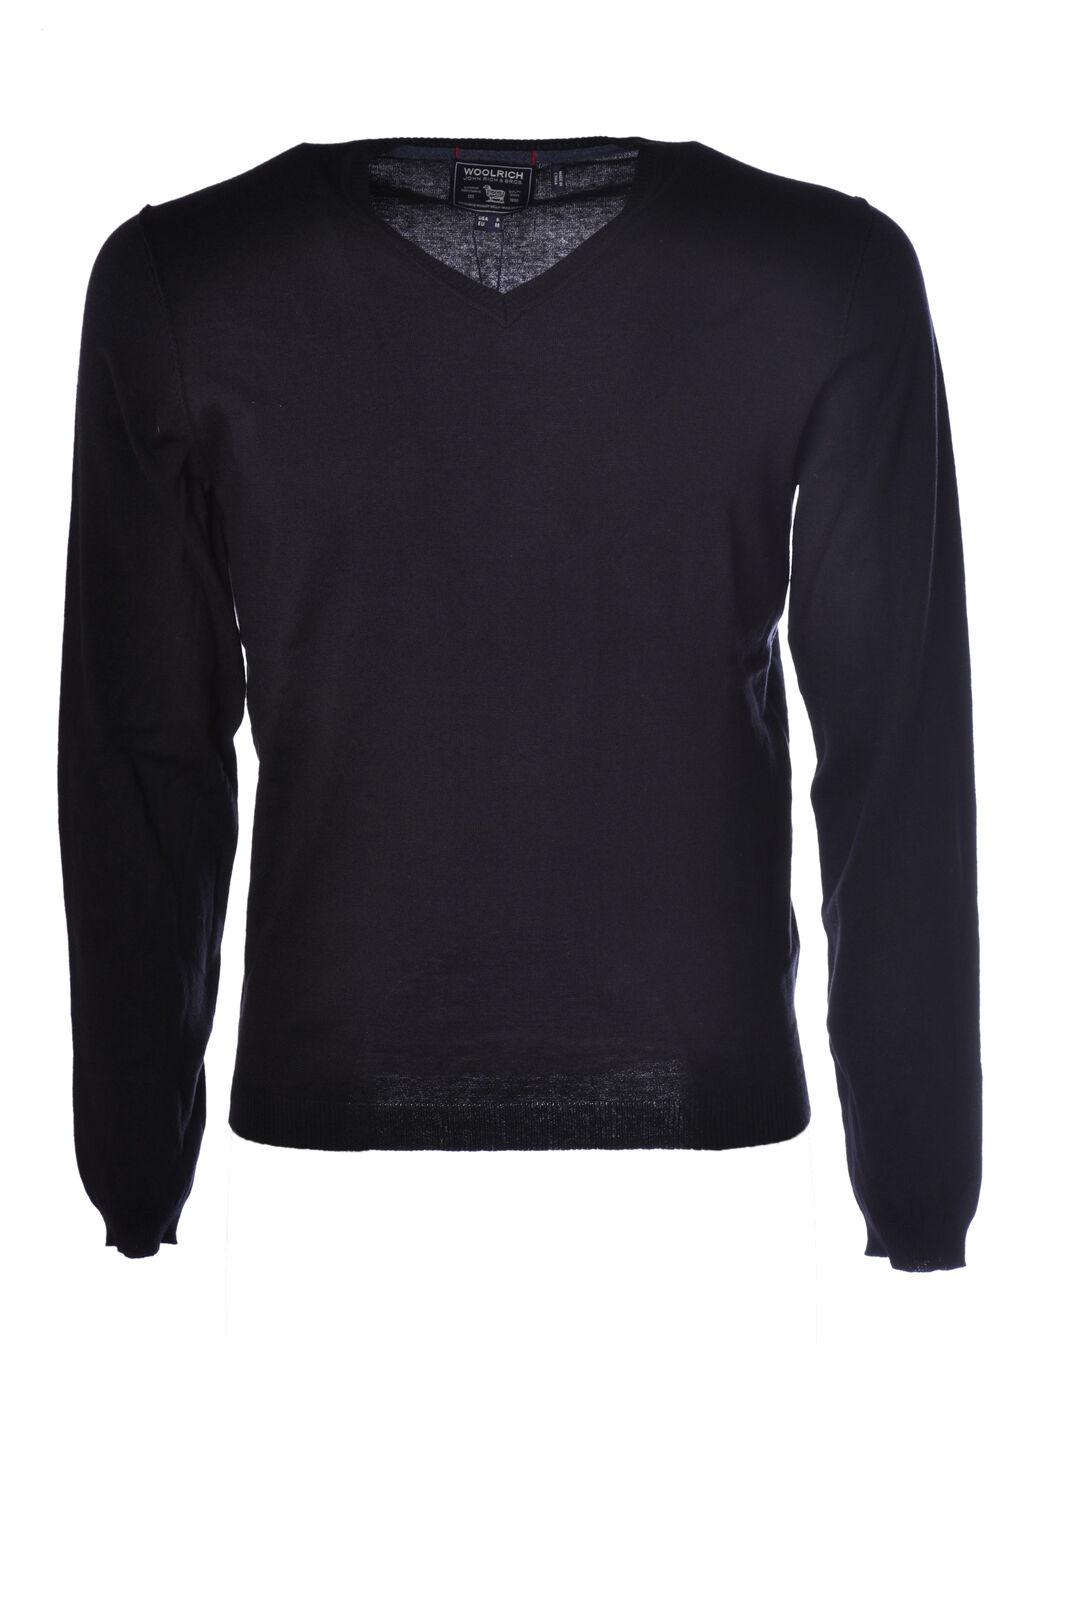 Woolrich  -  Sweaters - Male - Blau - 1977126N173910